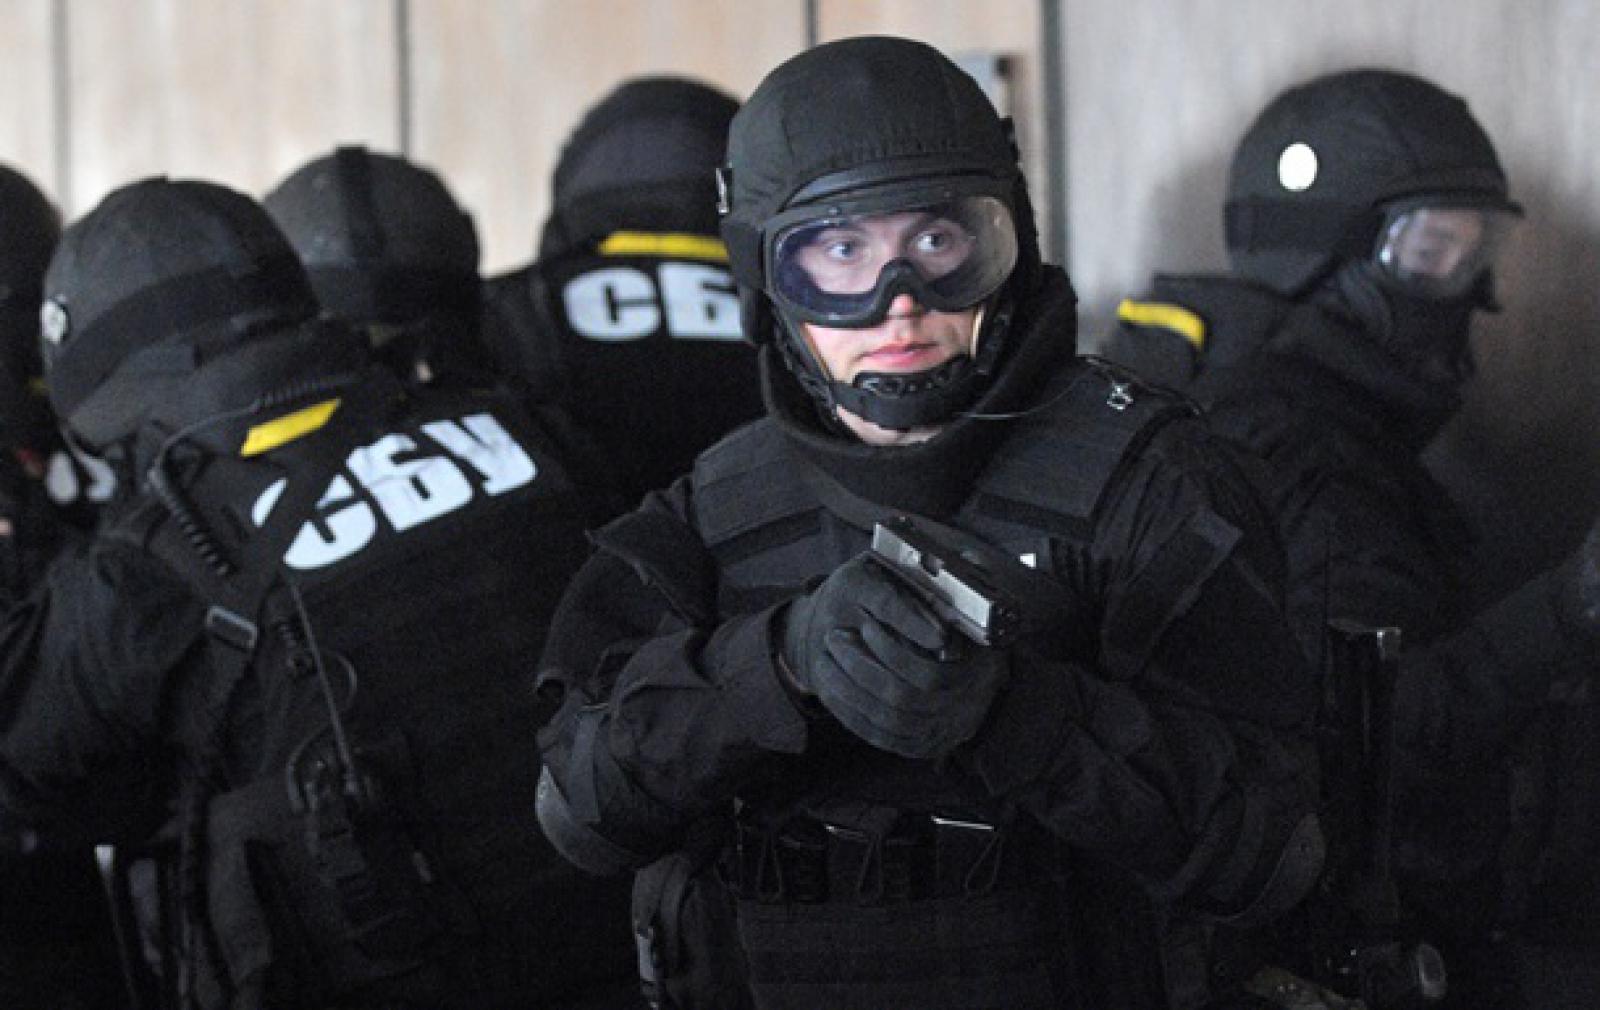 СБУ затримала диверсантів спецслужб Росії, які вчиняли теракти в Україні. ФОТО